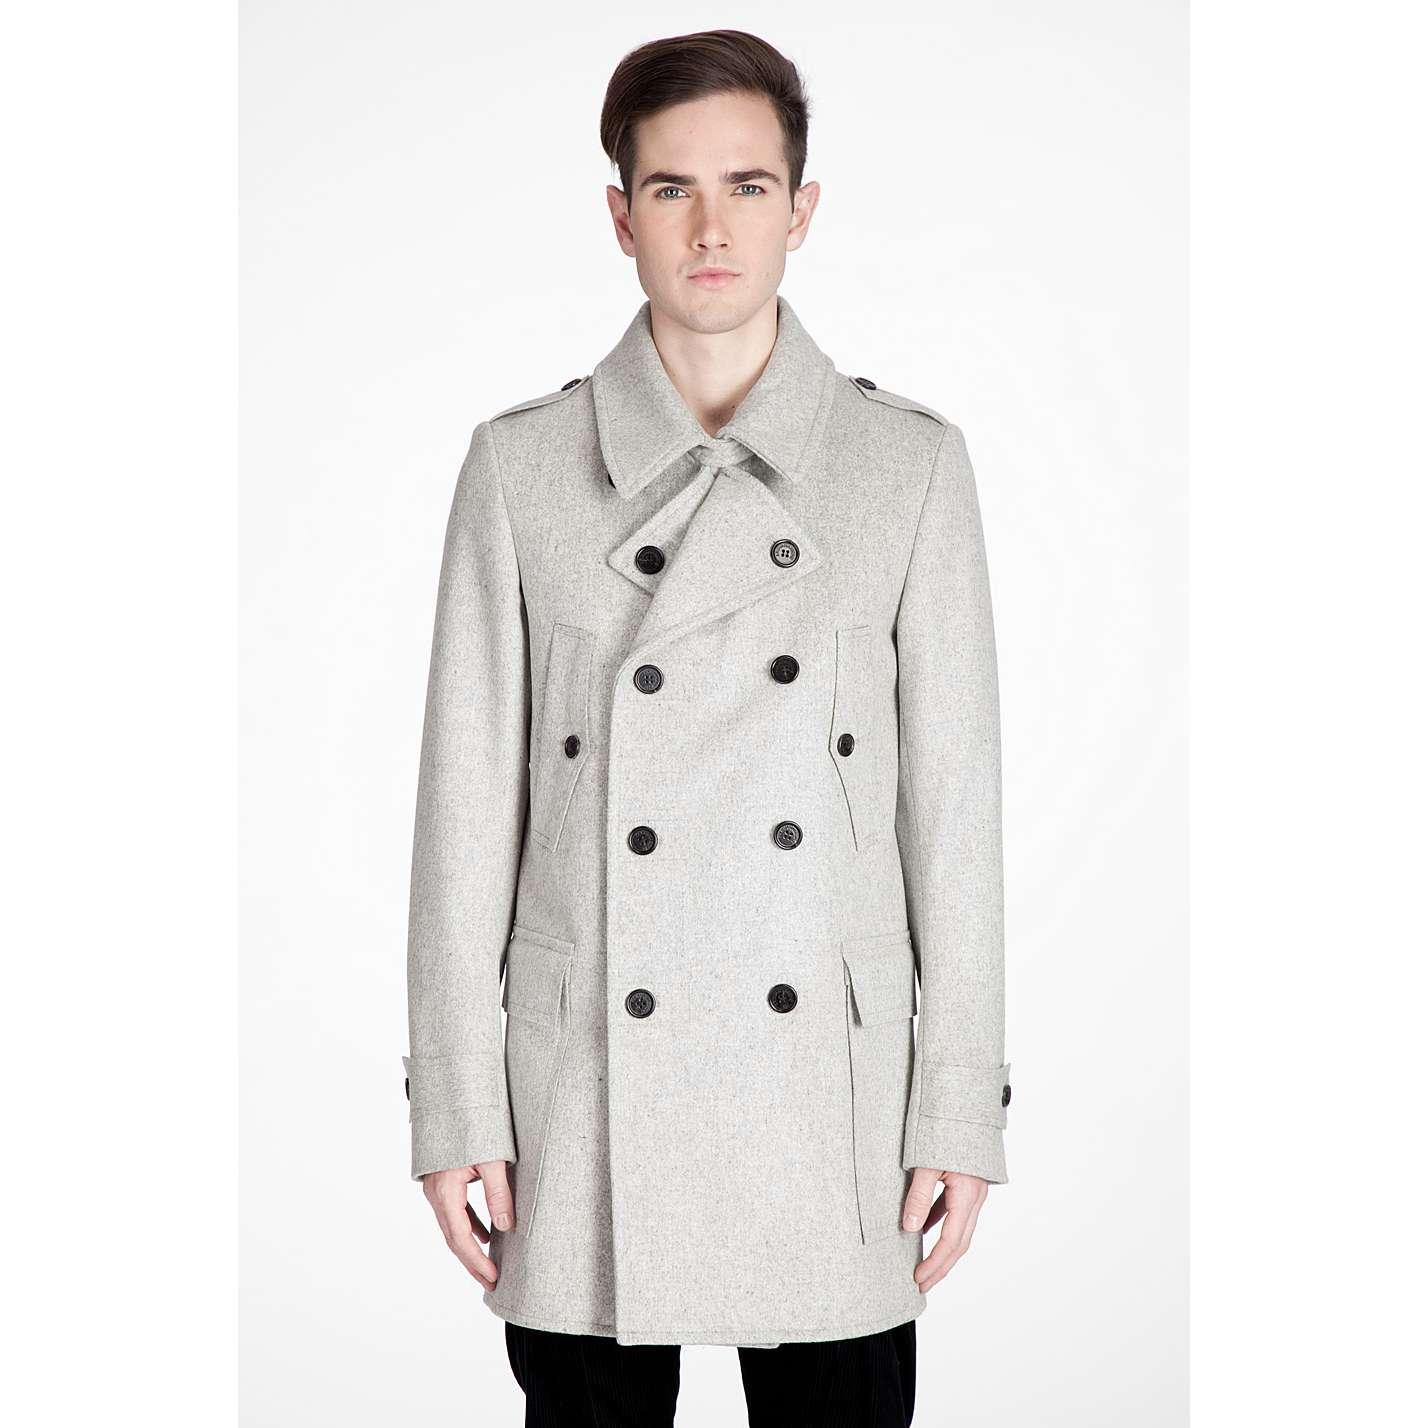 NEW Kris Van Assche grey wool coat size 50 | Styleforum